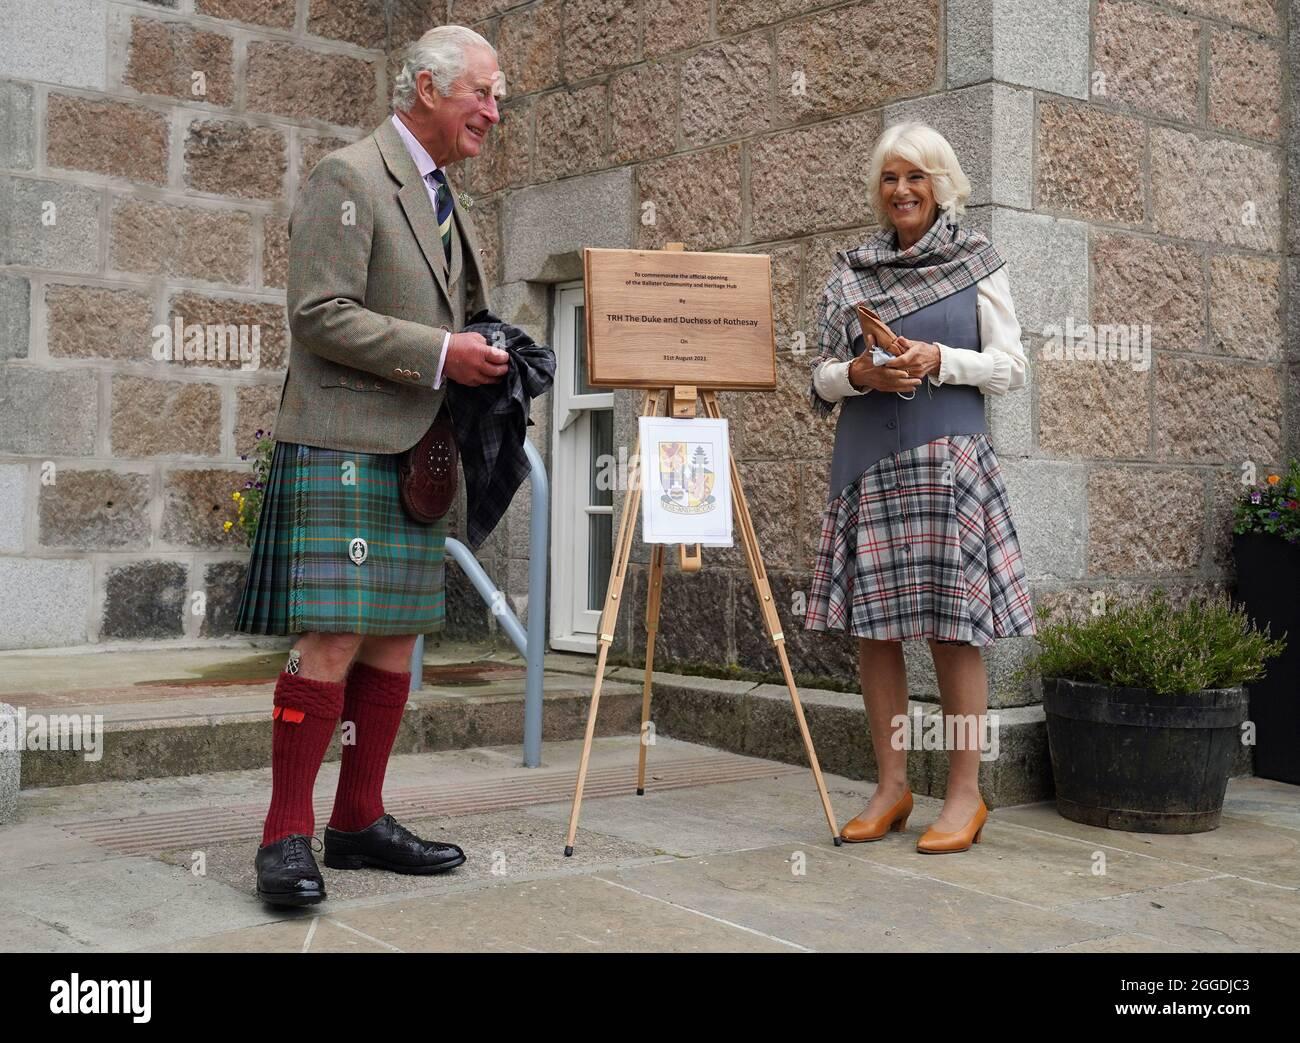 Il Principe di Galles e la Duchessa di Cornovaglia, conosciuta come il Duca e la Duchessa di Rothesay in Scozia, svelano una targa per commemorare l'apertura del Ballater Community & Heritage Hub a Ballater, Aberdeenshire. Data foto: Martedì 31 agosto 2021. Foto Stock